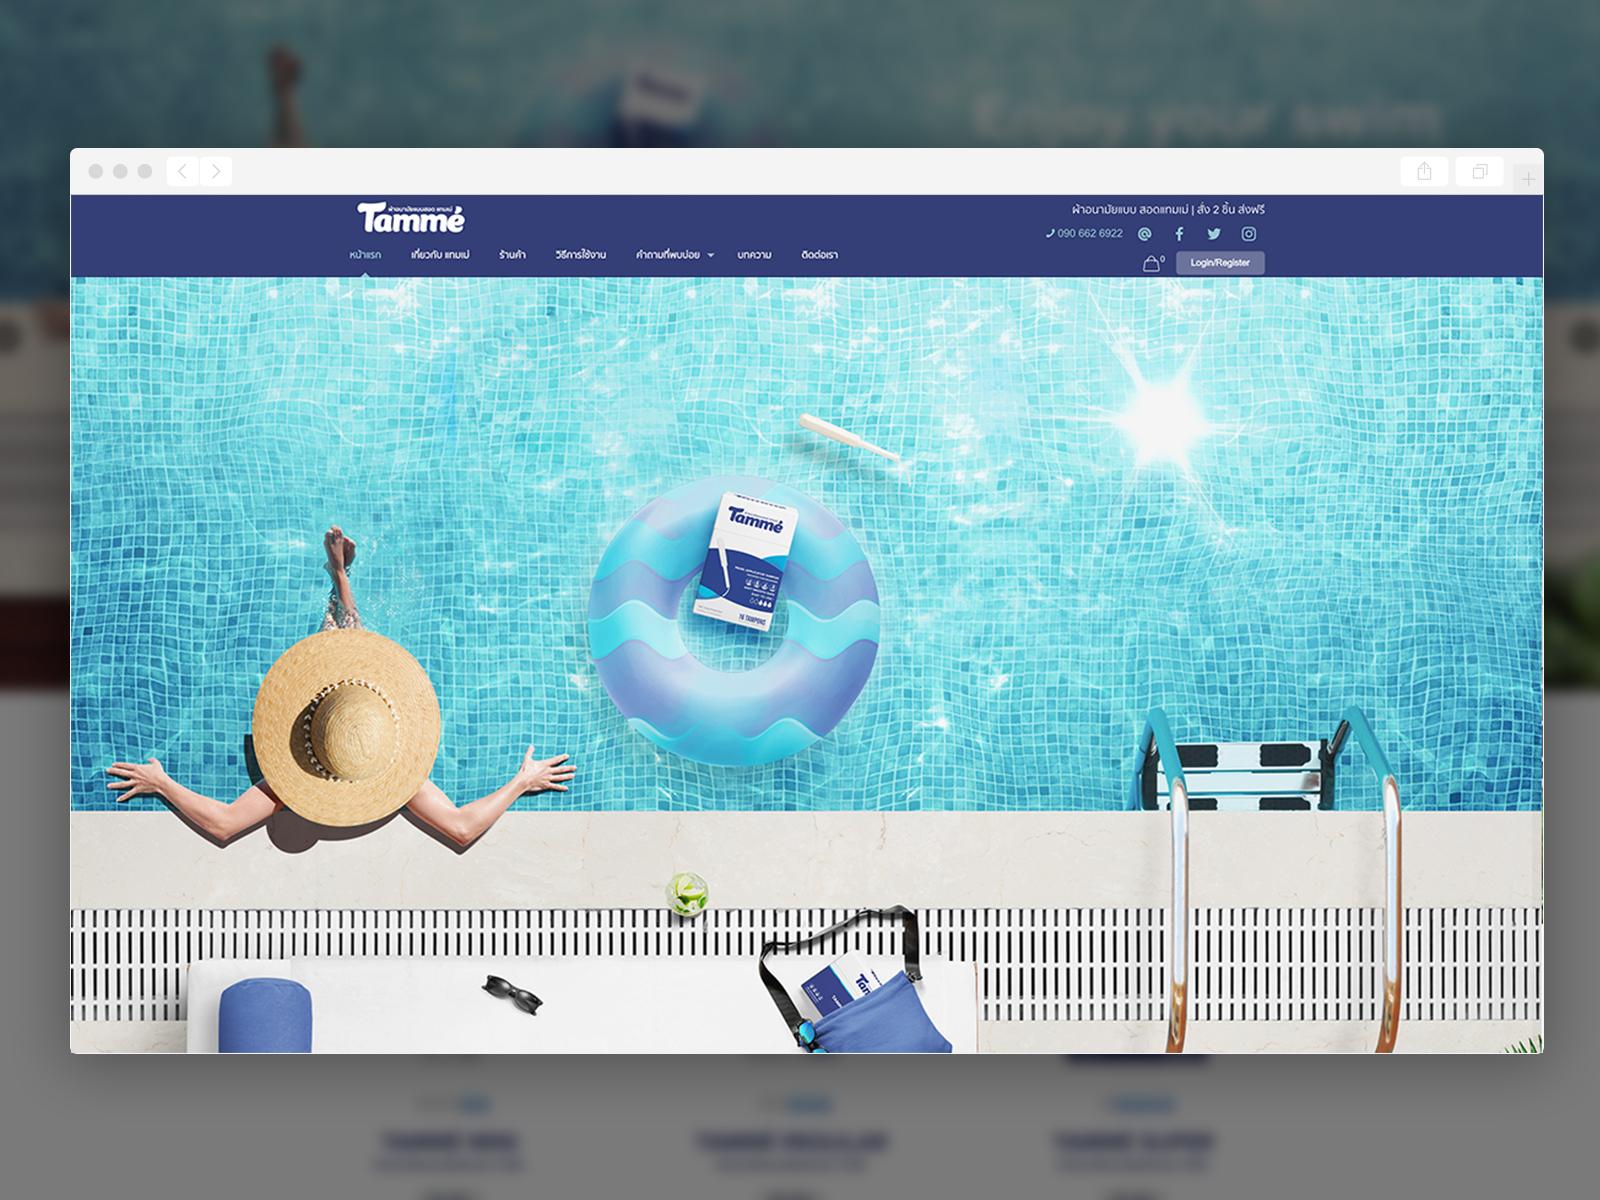 รับทำเว็บไซต์ รับออกแบบเว็บไซต์ tammeweb